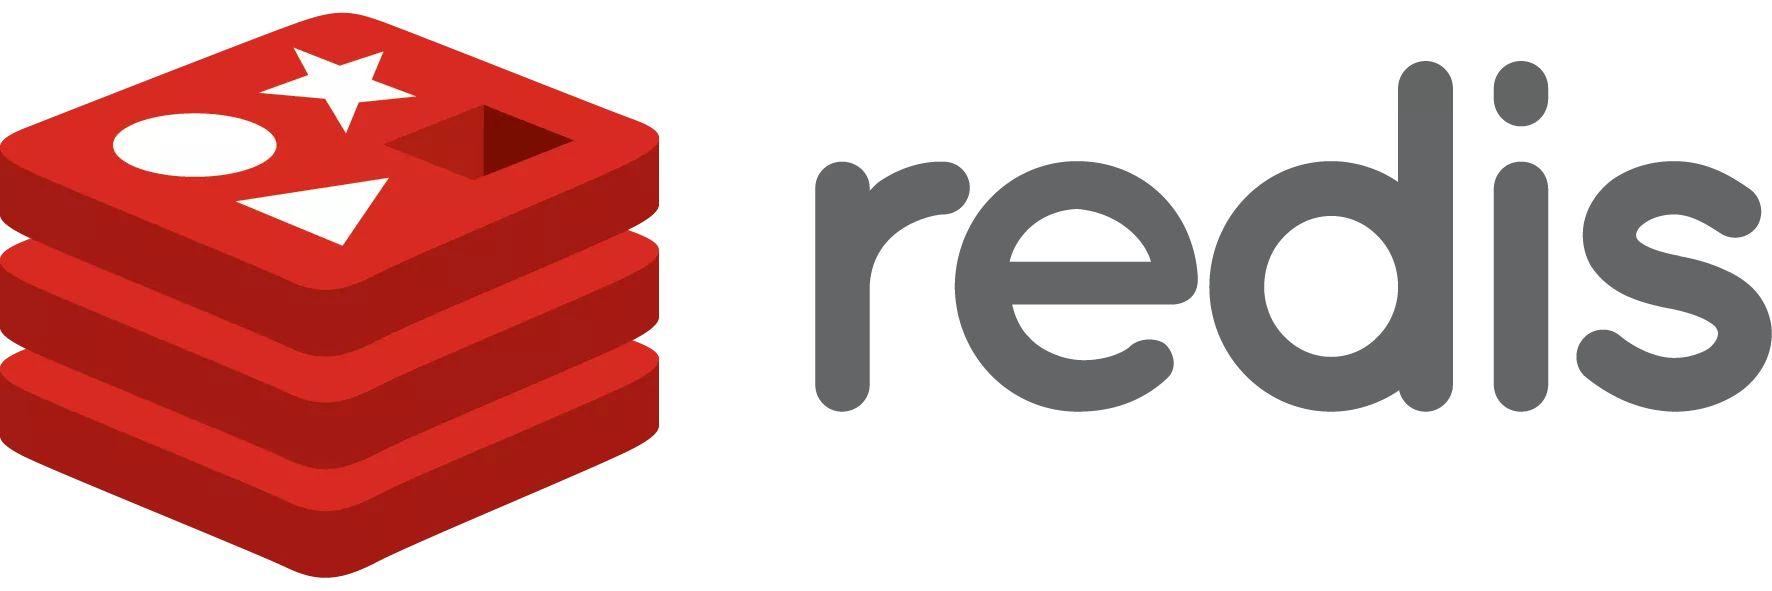 Redis 配置集群遇到问题及解决方法